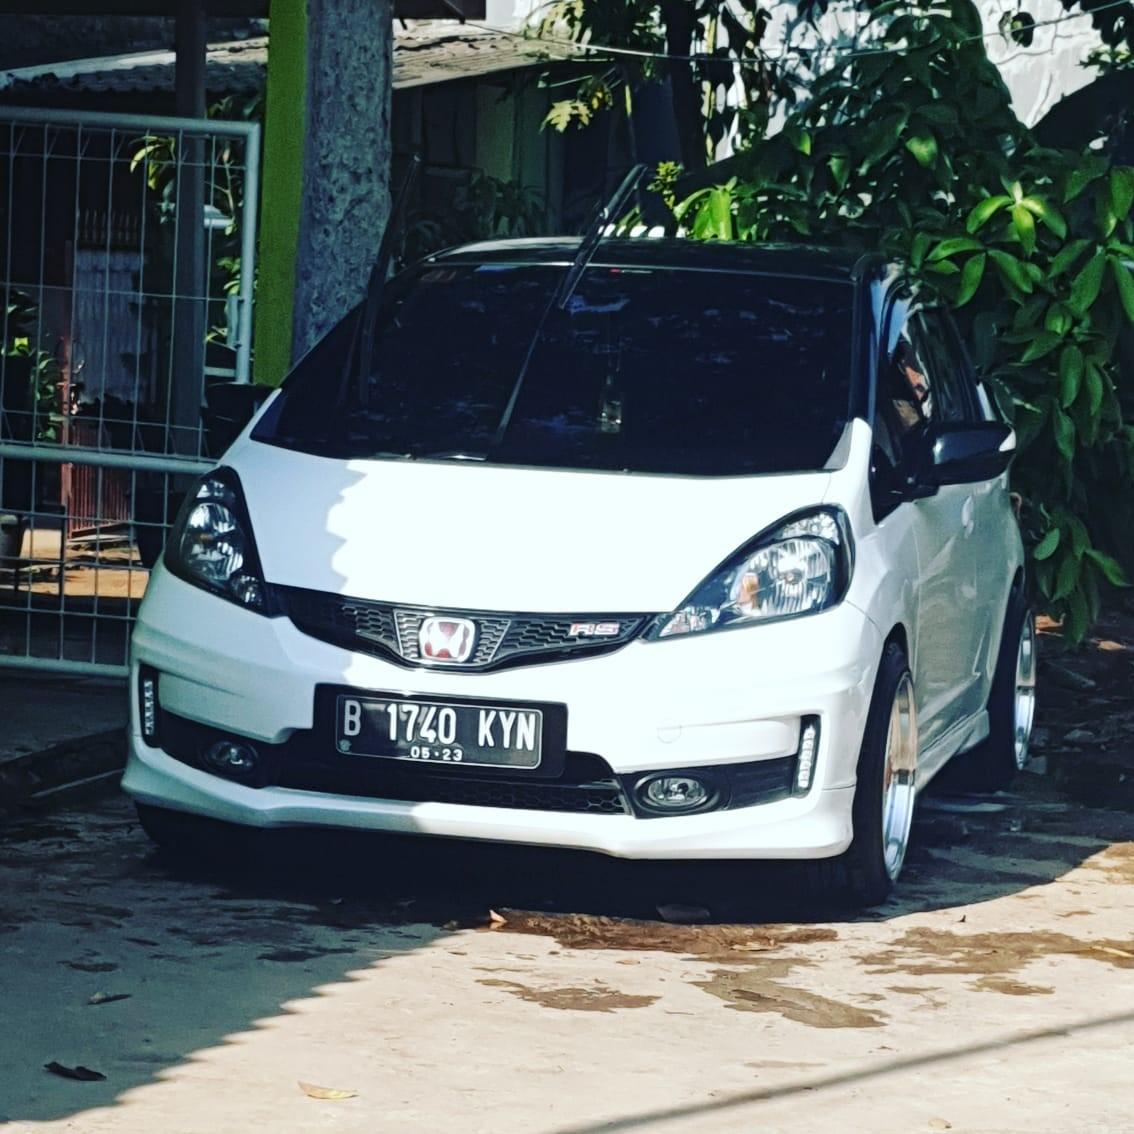 Apakah Ada Rental Mobil Murah Di Bekasi 081285092594